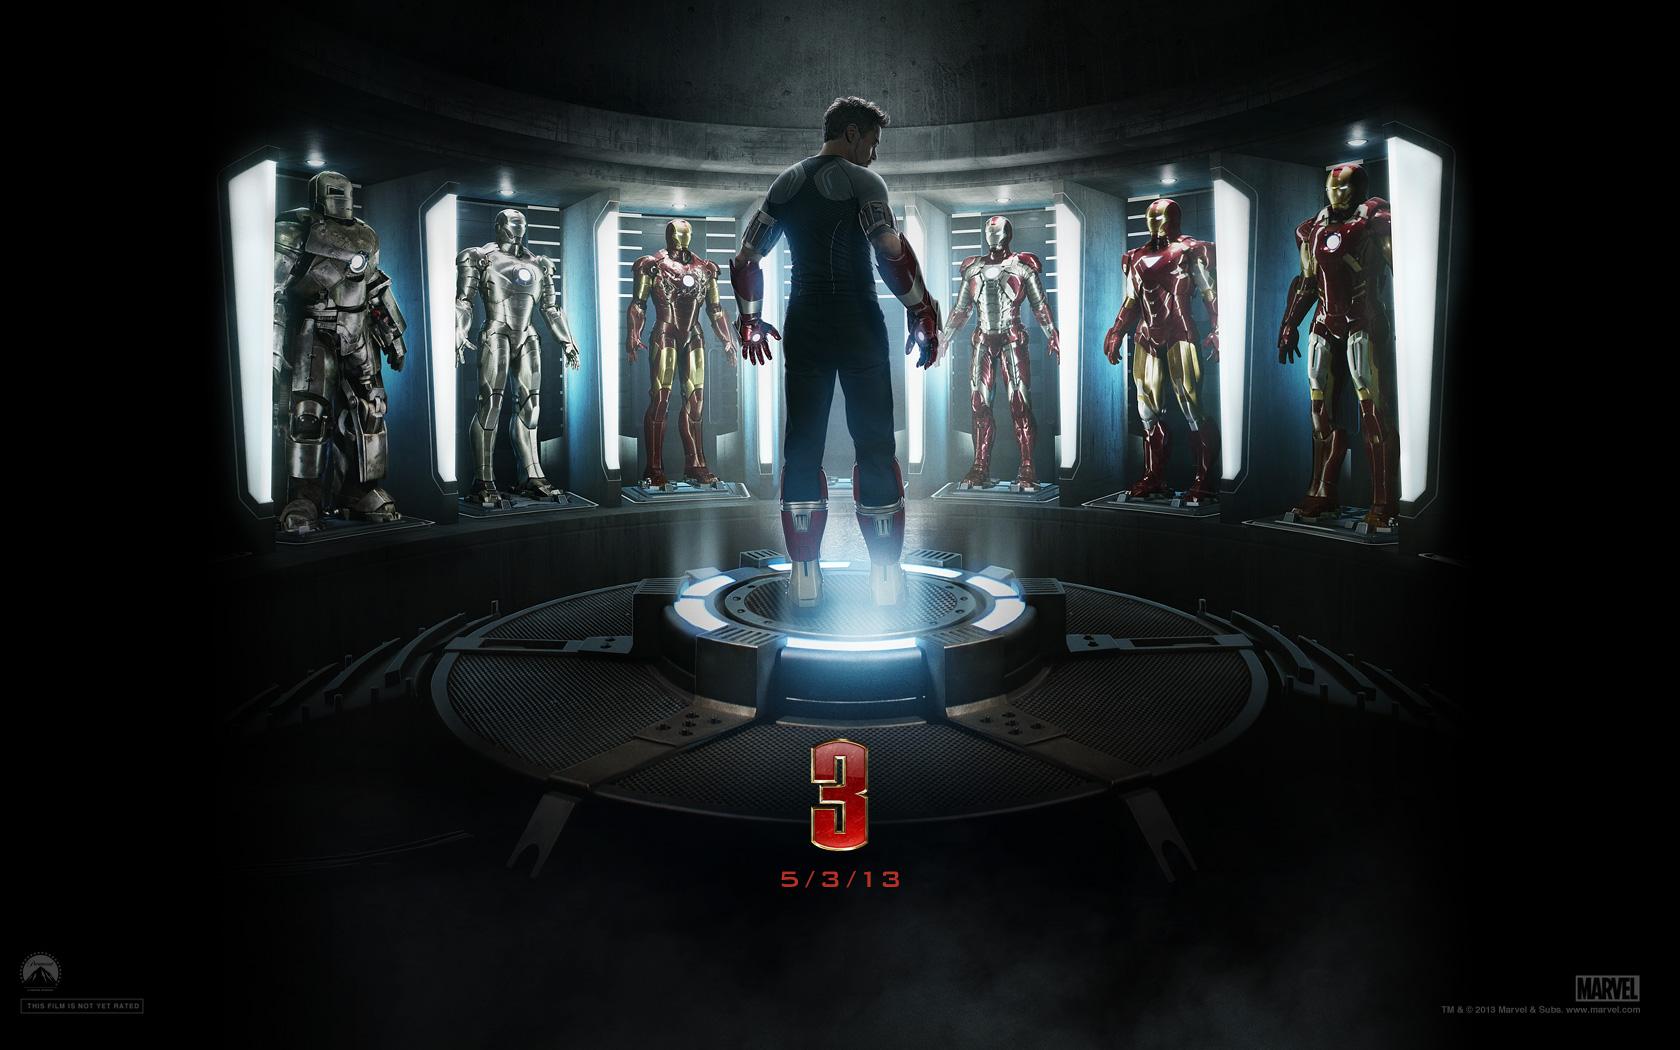 钢铁侠动态主题_壁纸图片|Iron Man 3(钢铁侠官方全套壁纸)高清版-东坡下载